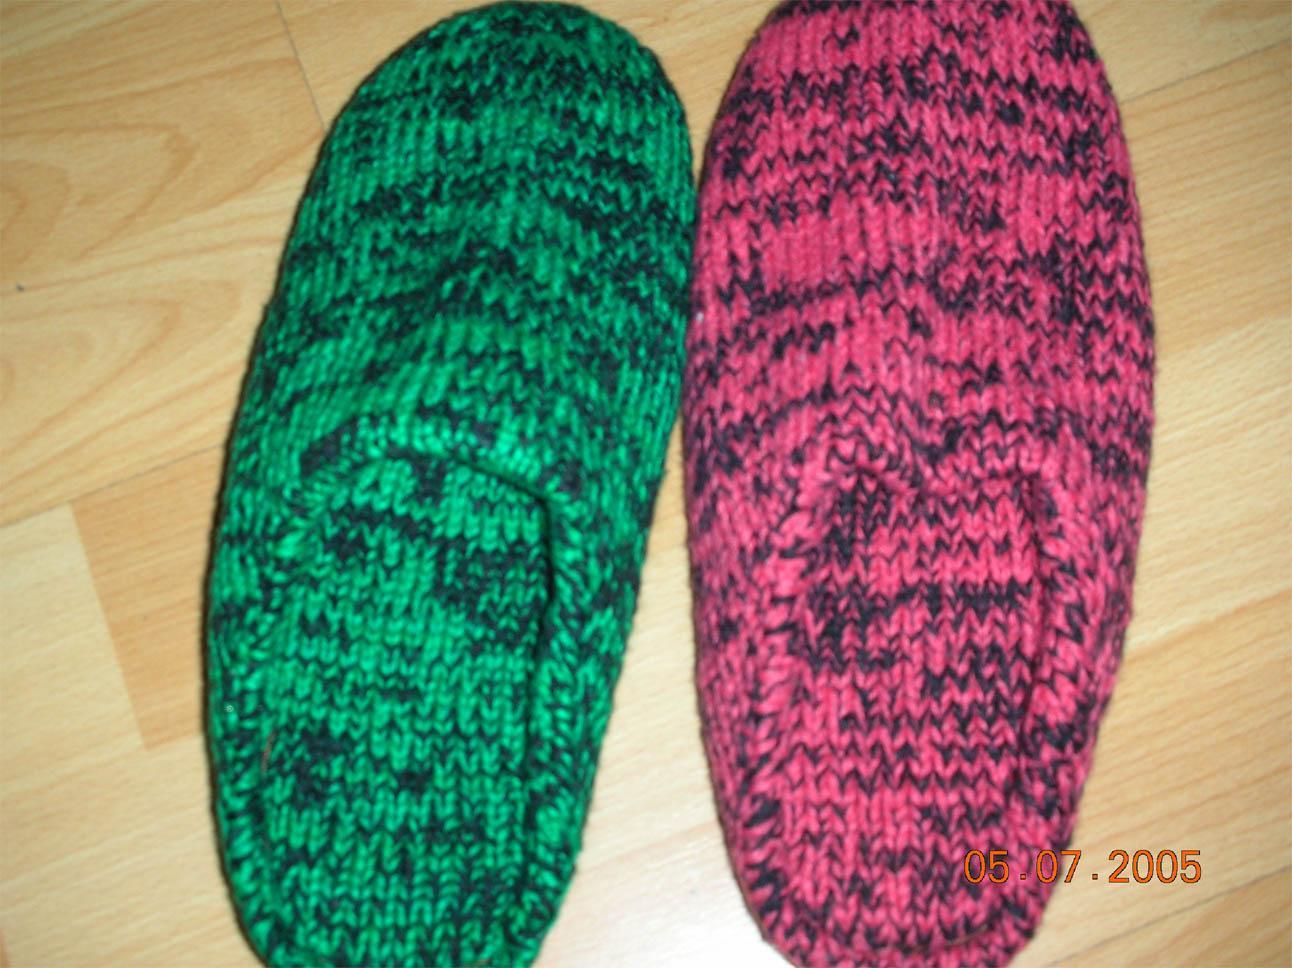 手工织毛线鞋中间花样图纸